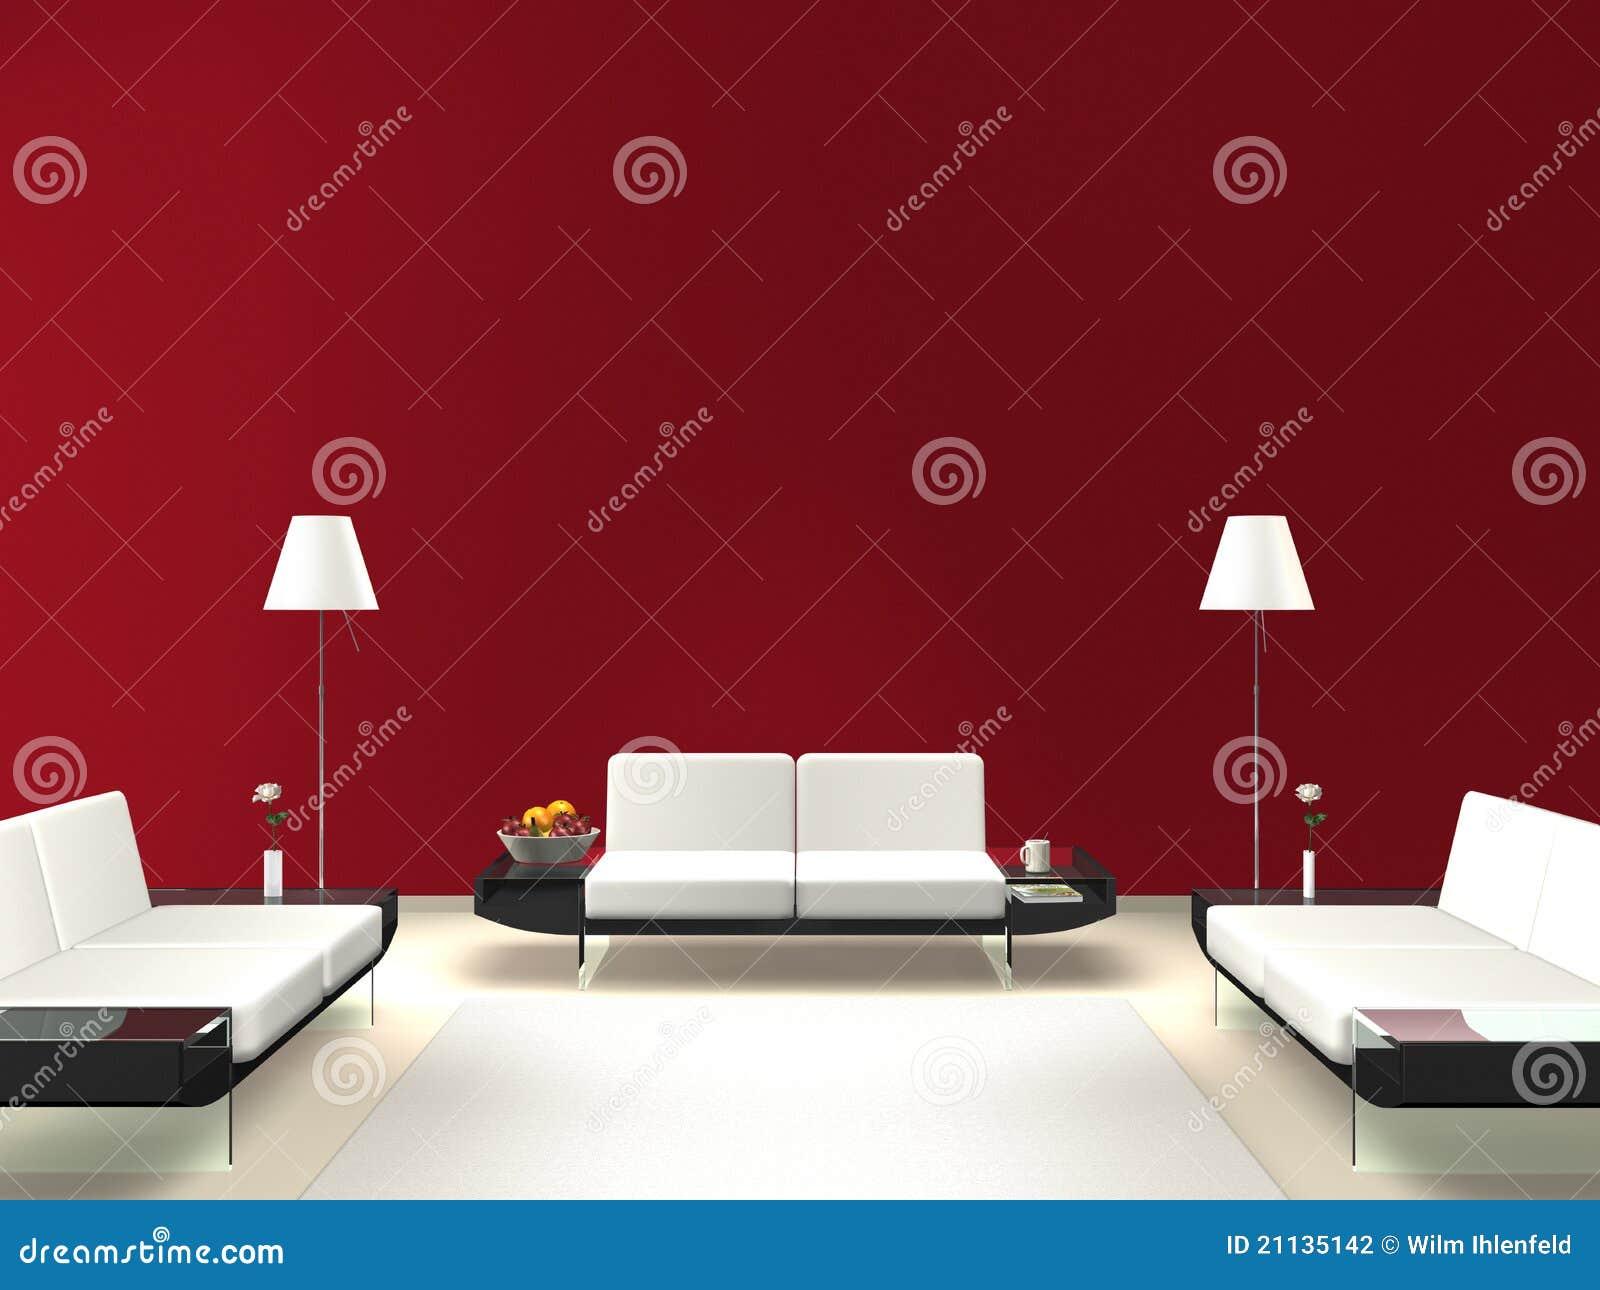 #760E19 Sala De Estar Moderna Com Parede Vermelha Fotografia de Stock Imagem  1300x1065 píxeis em Decoração De Sala De Estar Vermelho E Branco